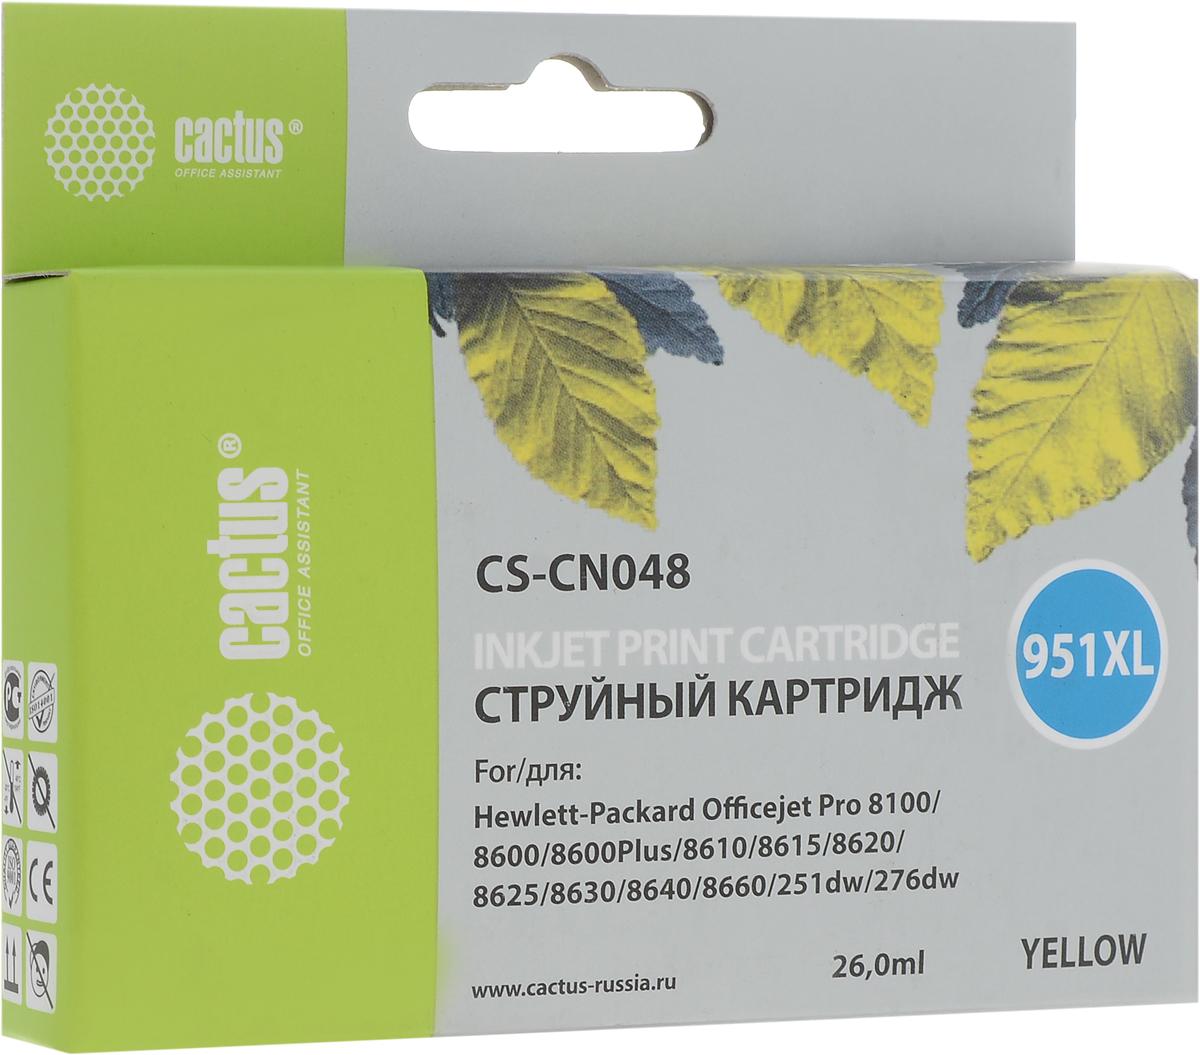 Cactus CS-CN048, Yellow струйный картридж для HP OfficeJet Pro 8100/ 8600CS-CN048Картридж Cactus CS-CN048 для струйных принтеров HP.Расходные материалы Cactus для печати максимизируют характеристики принтера. Обеспечивают повышенную четкость изображения и плавность переходов оттенков и полутонов, позволяют отображать мельчайшие детали изображения. Обеспечивают надежное качество печати.